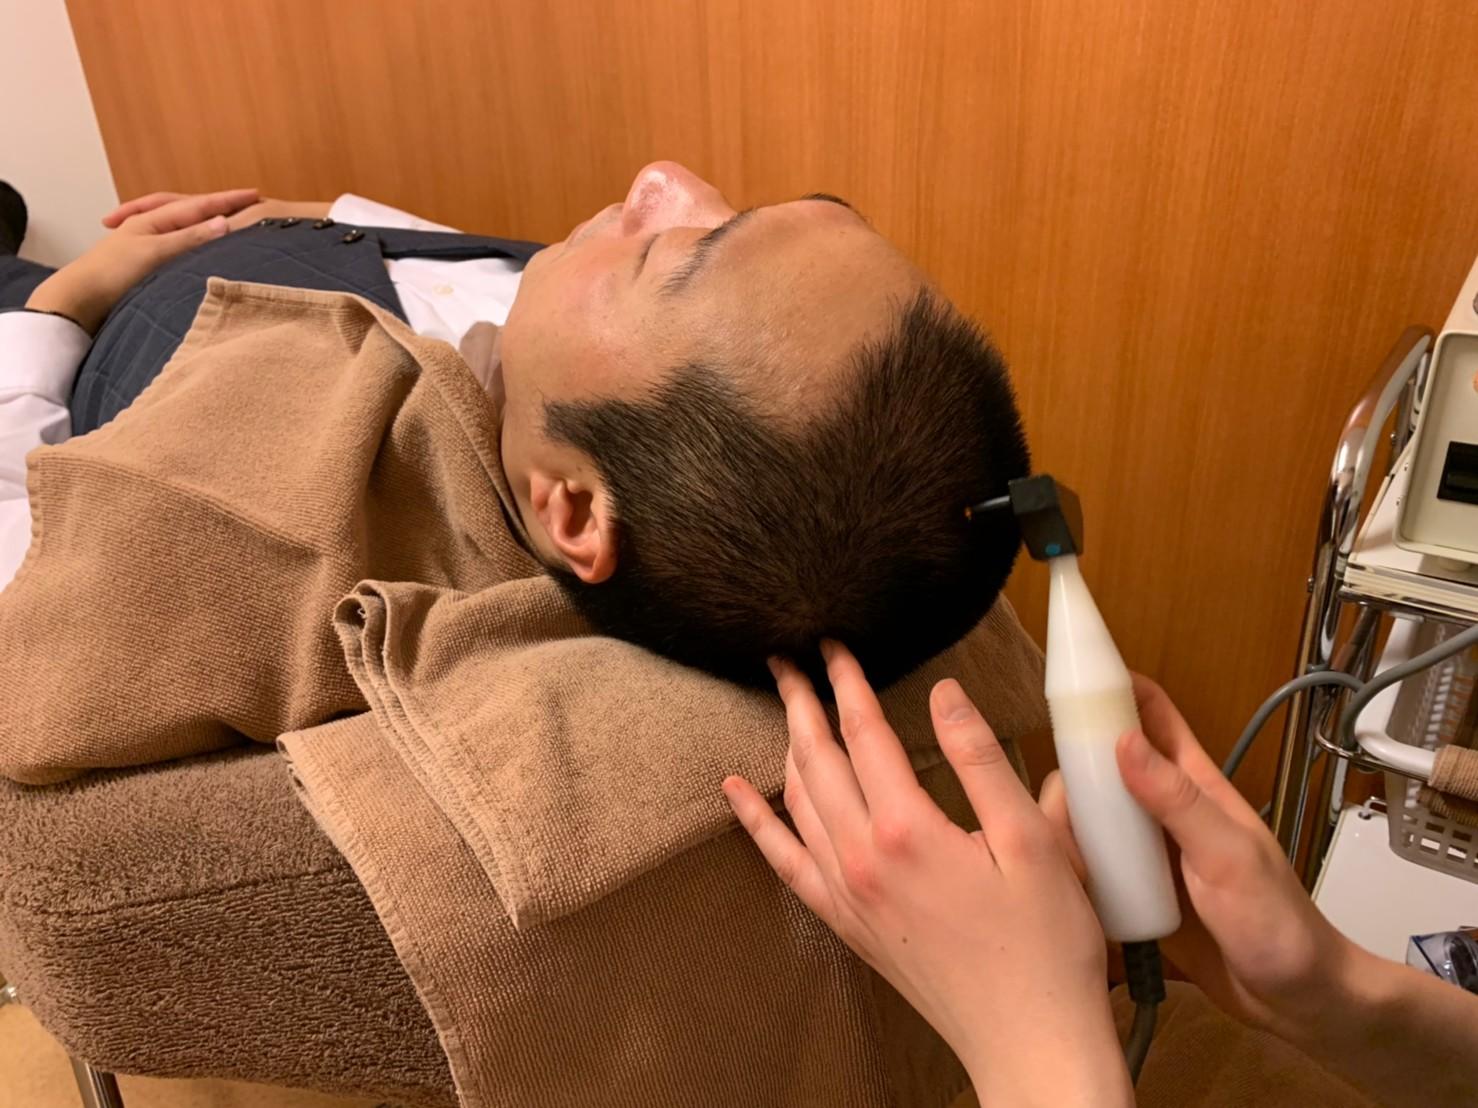 妻『髪薄くなってない?』 衝撃の一言で一念発起 18万人以上の発毛実績を持つ 『リーブ21』を検証してみた!